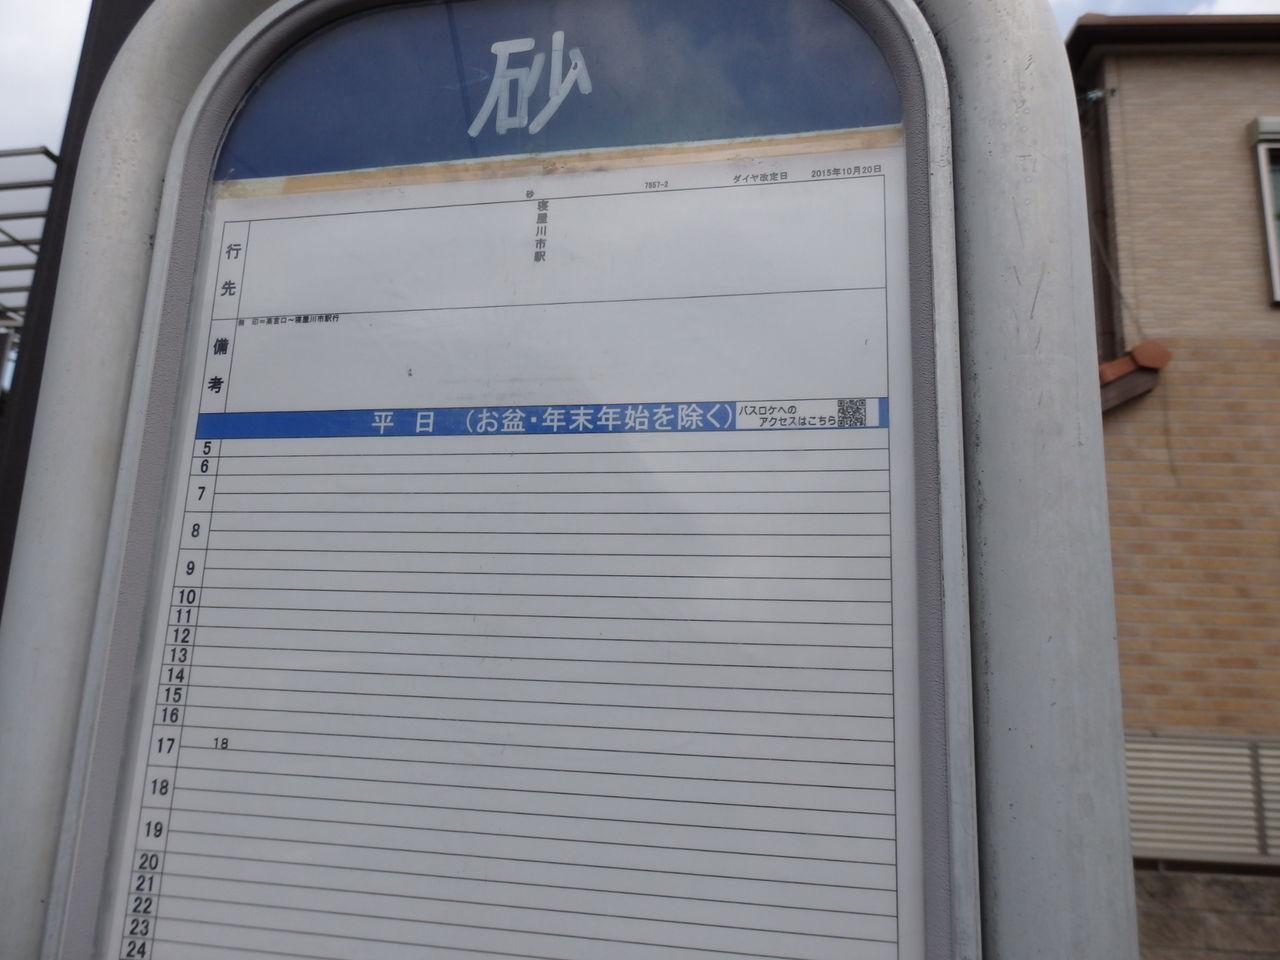 京阪バス 砂バス停(四條畷市) : 交野が原道草